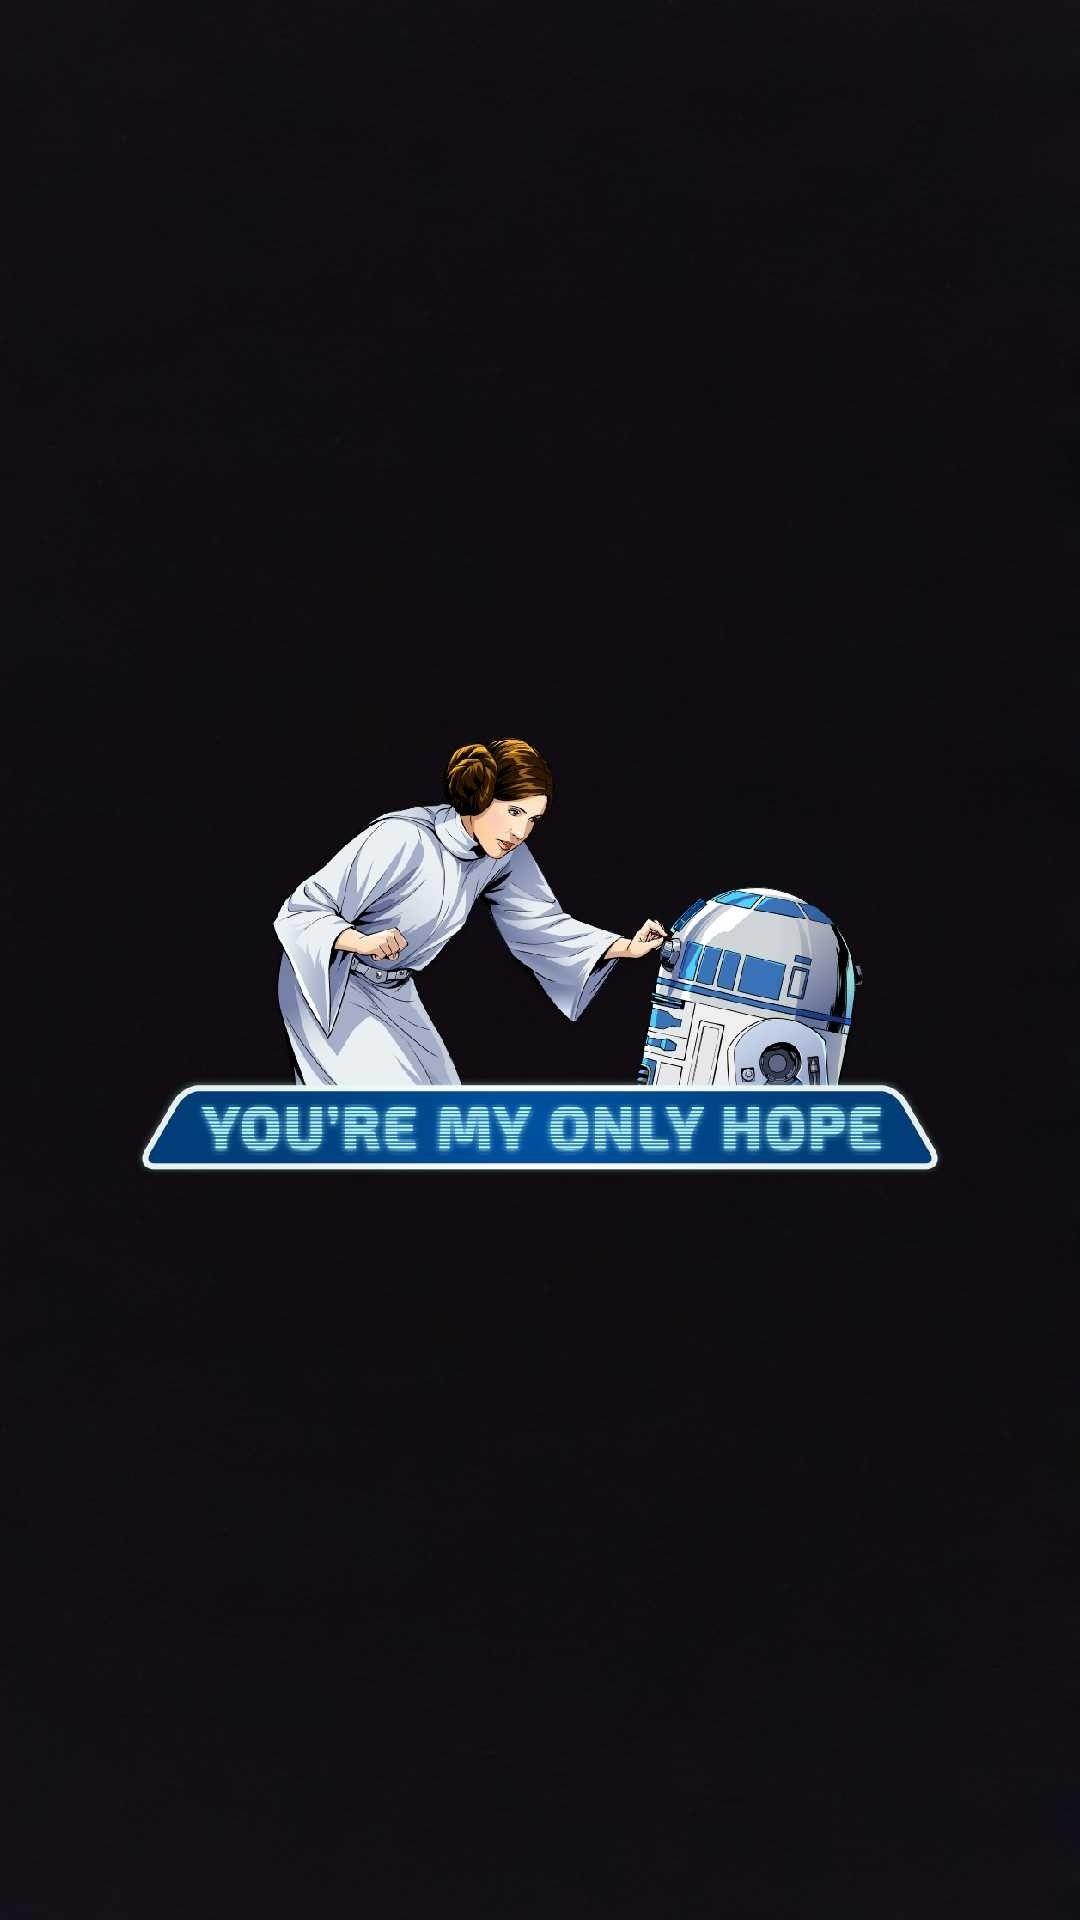 Star Wars A New Hope Star Wars Background Star Wars Poster Rey Star Wars